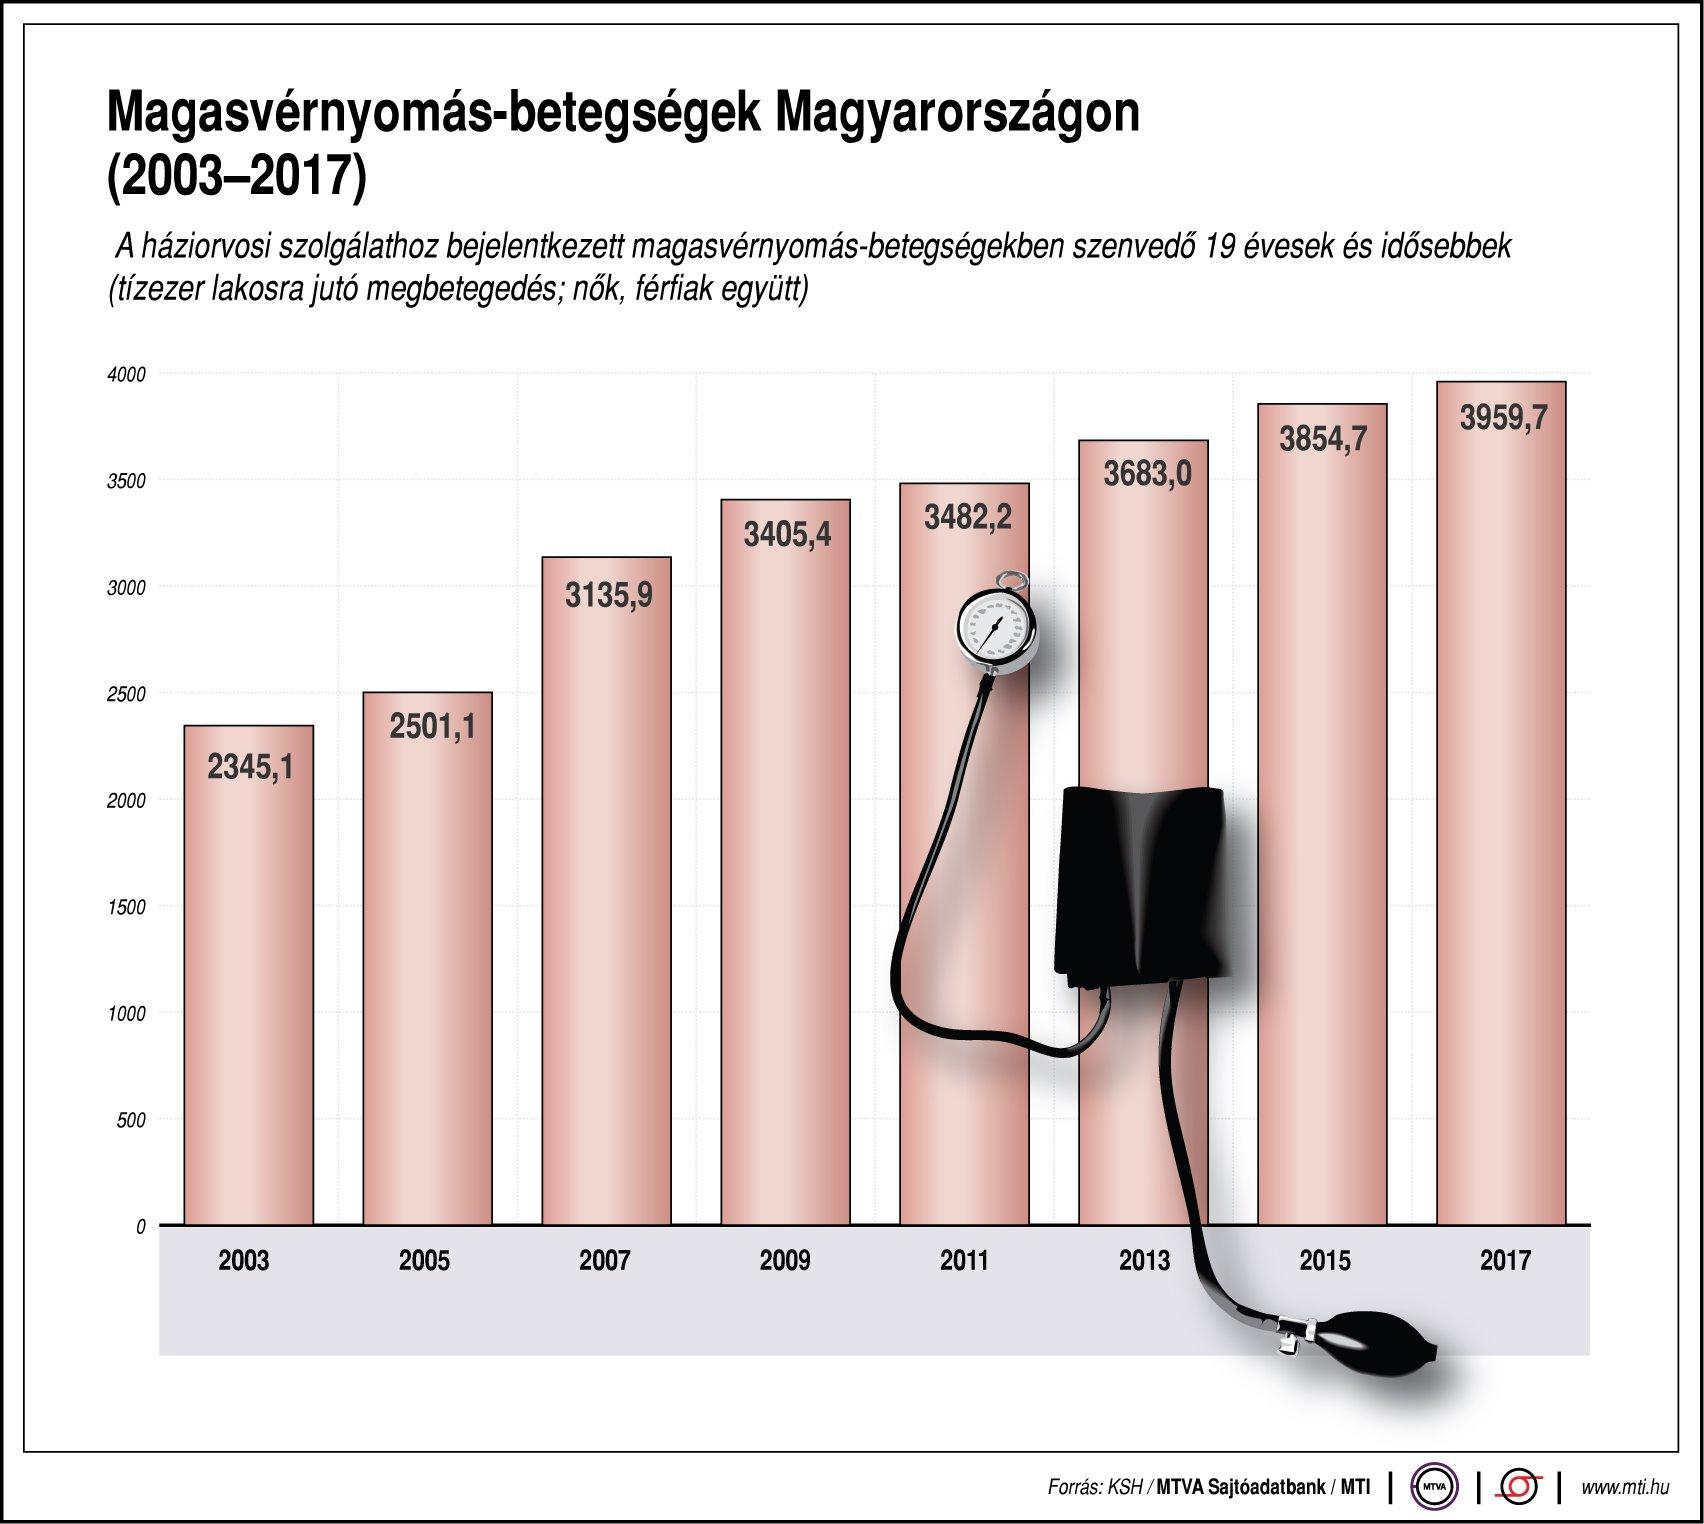 Dr. Lenkei Gábor szerint téves felfogás, hogy az emberek többsége magas vérnyomásban szenved!